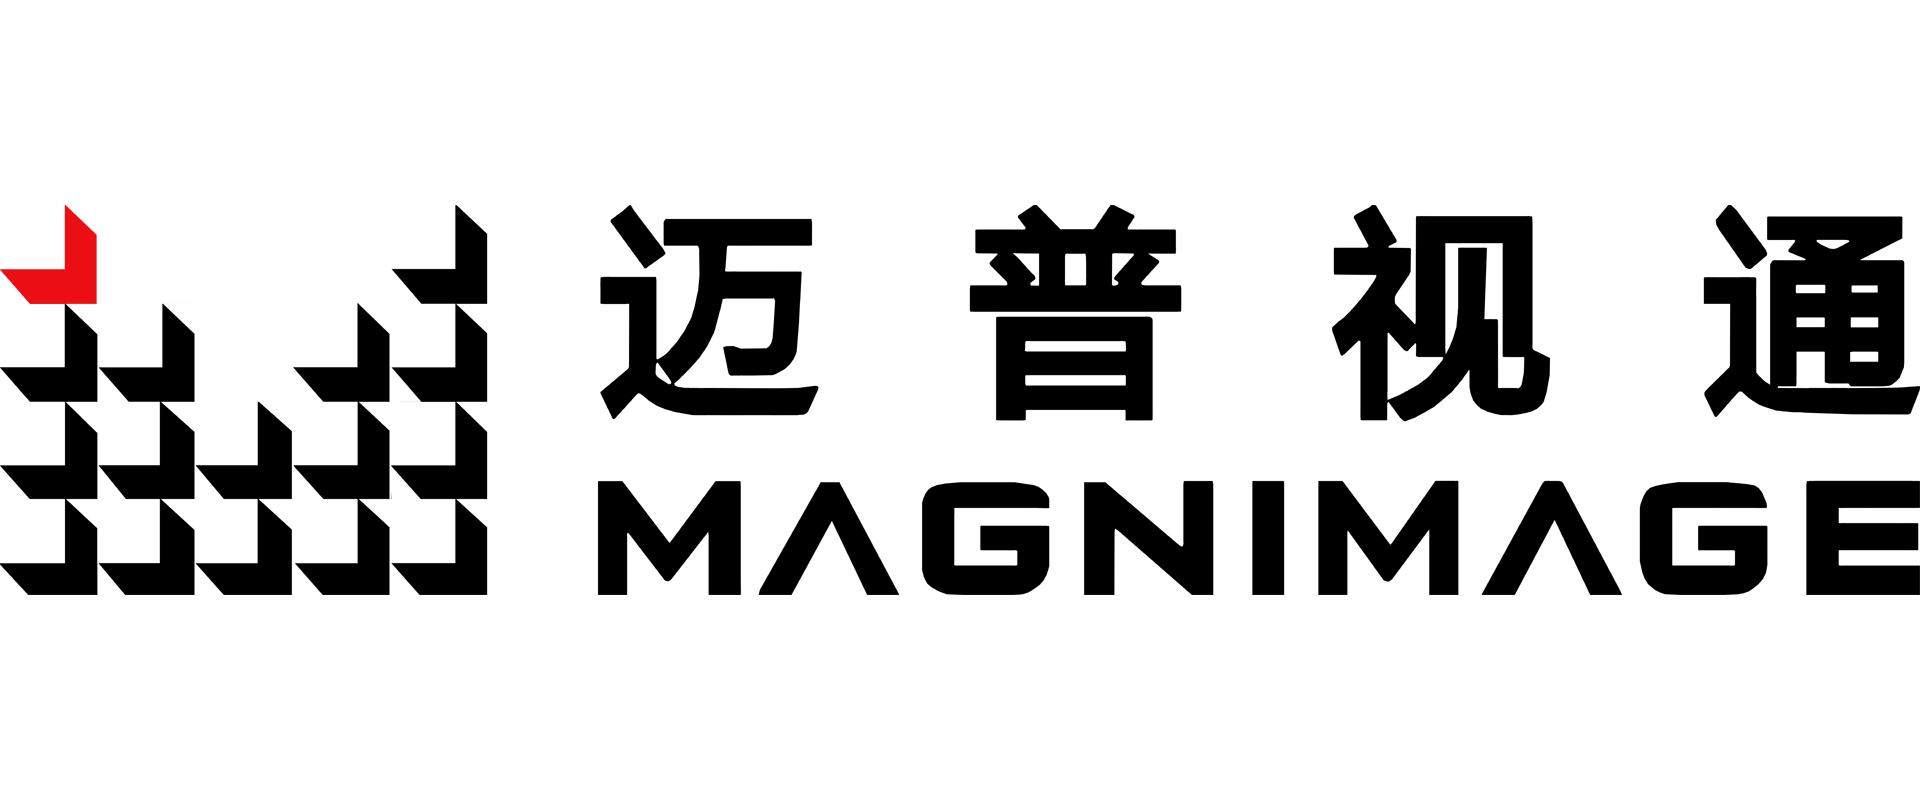 深圳市迈普视通科技有限公司(迈普视通Magnimage)简介——迈普视通Magnimage产品品牌商标LOGO标志